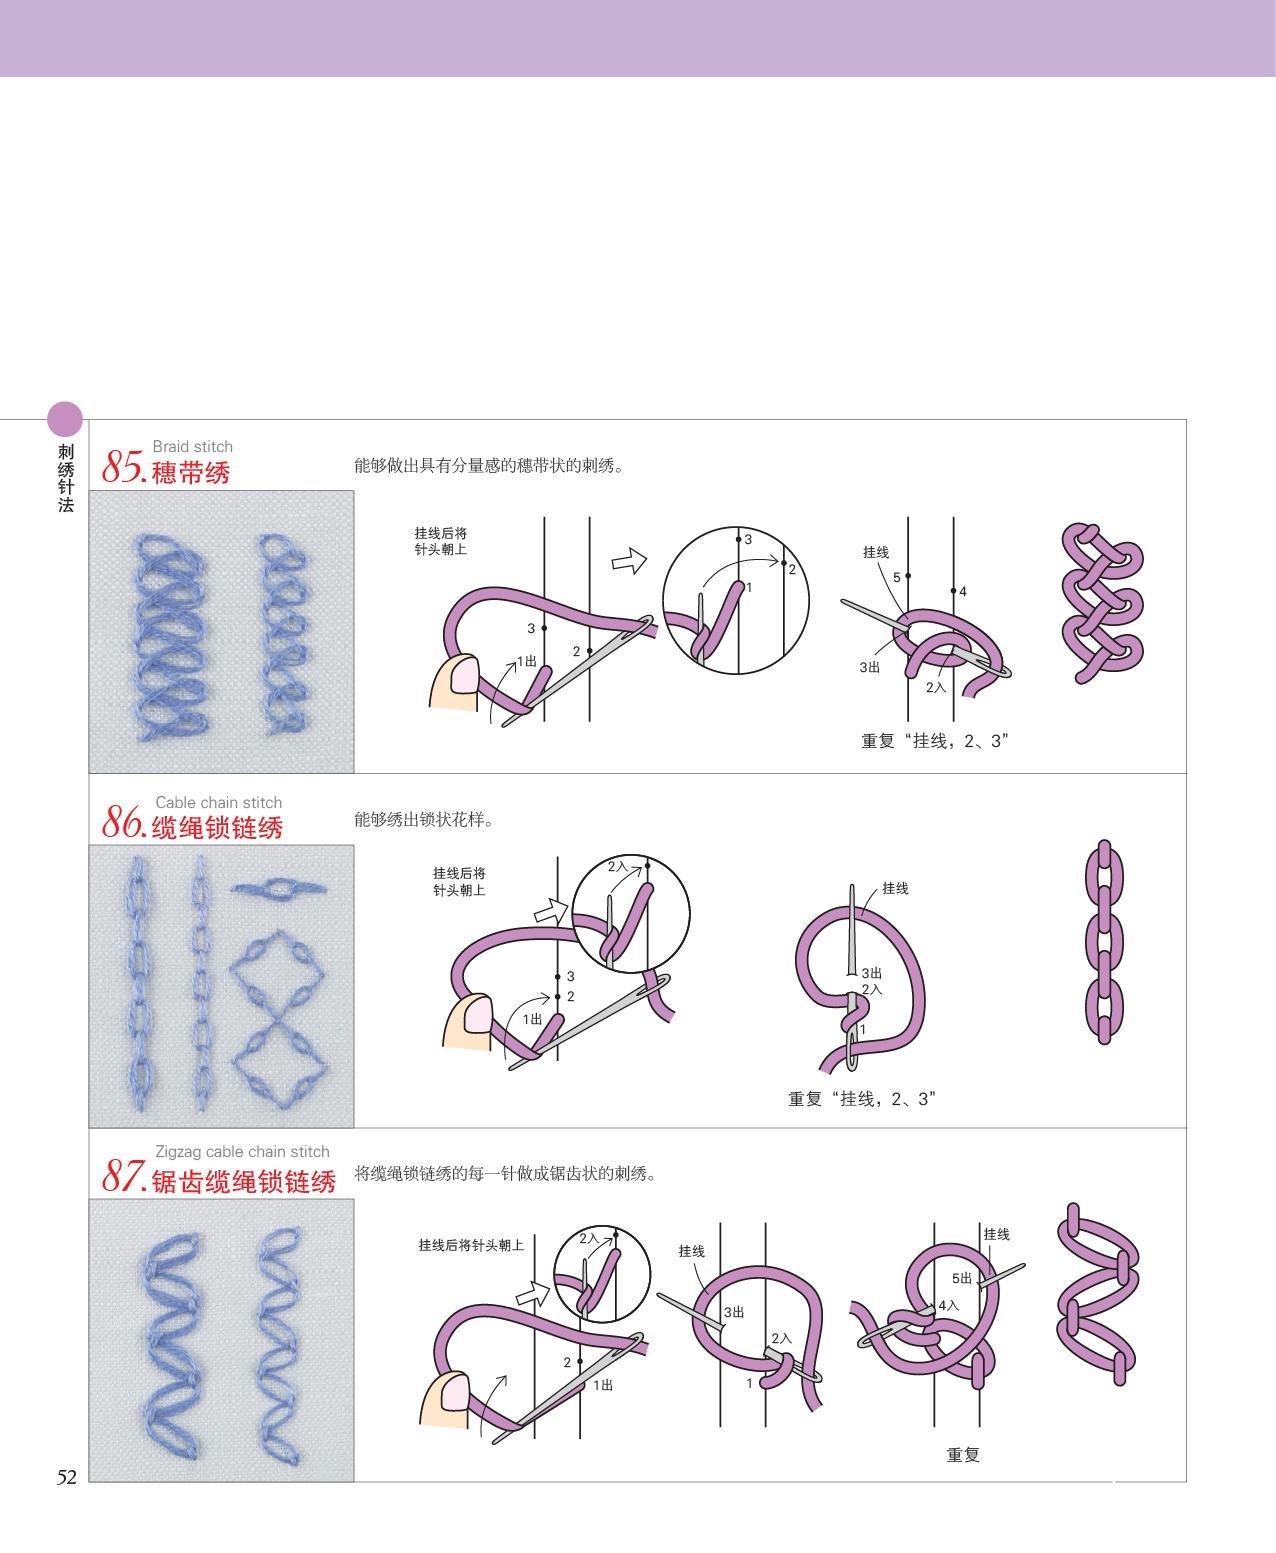 刺绣基础针法图解_刺绣针法与图解_欧式效果图